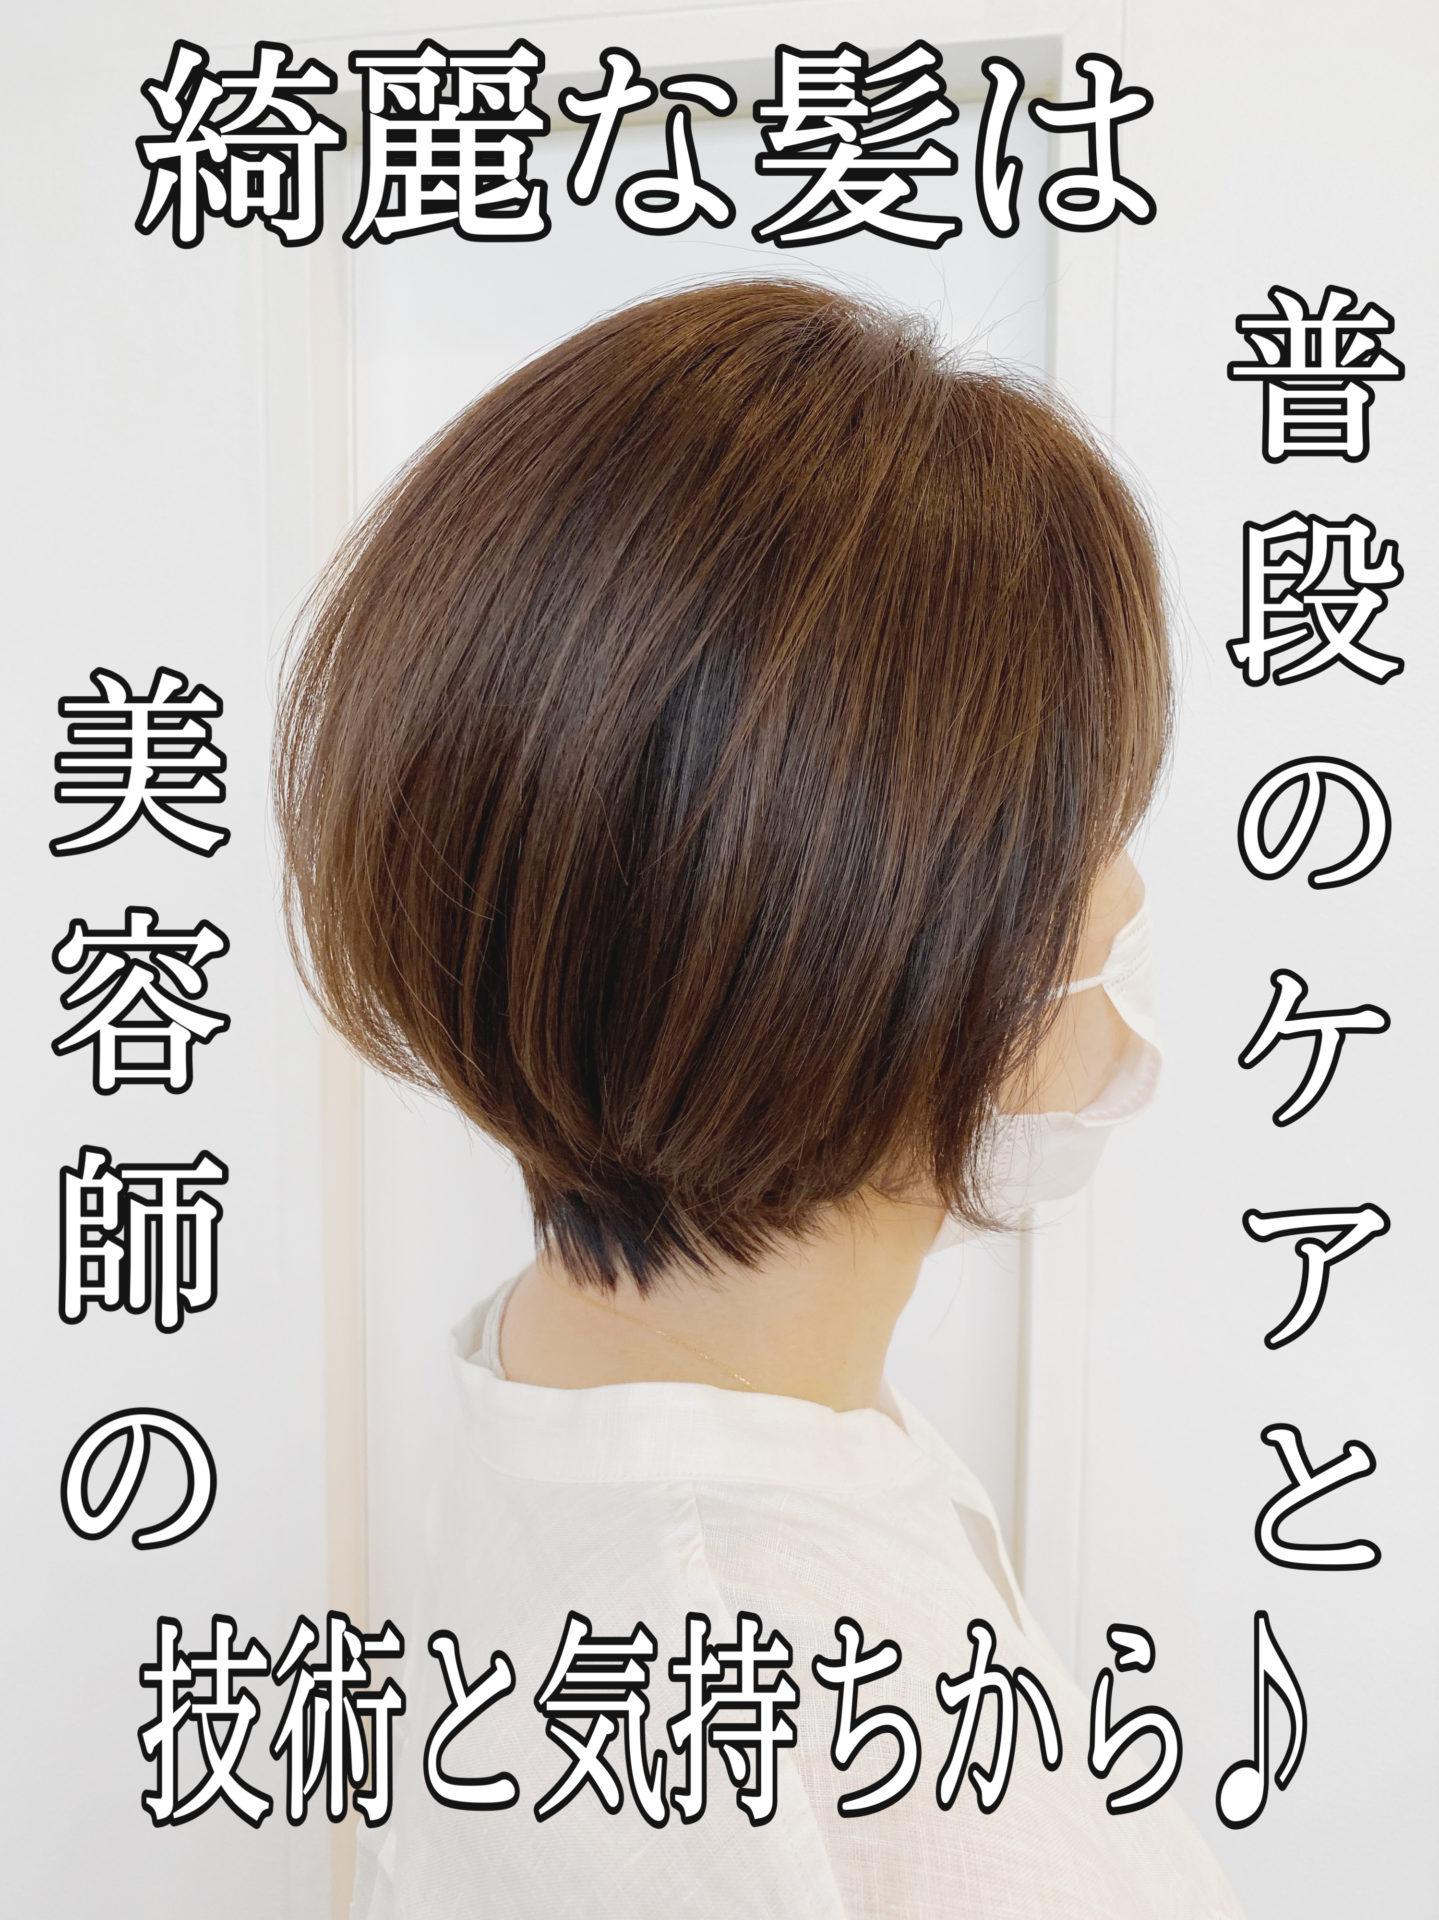 髪の毛のわがままを求めている件♪